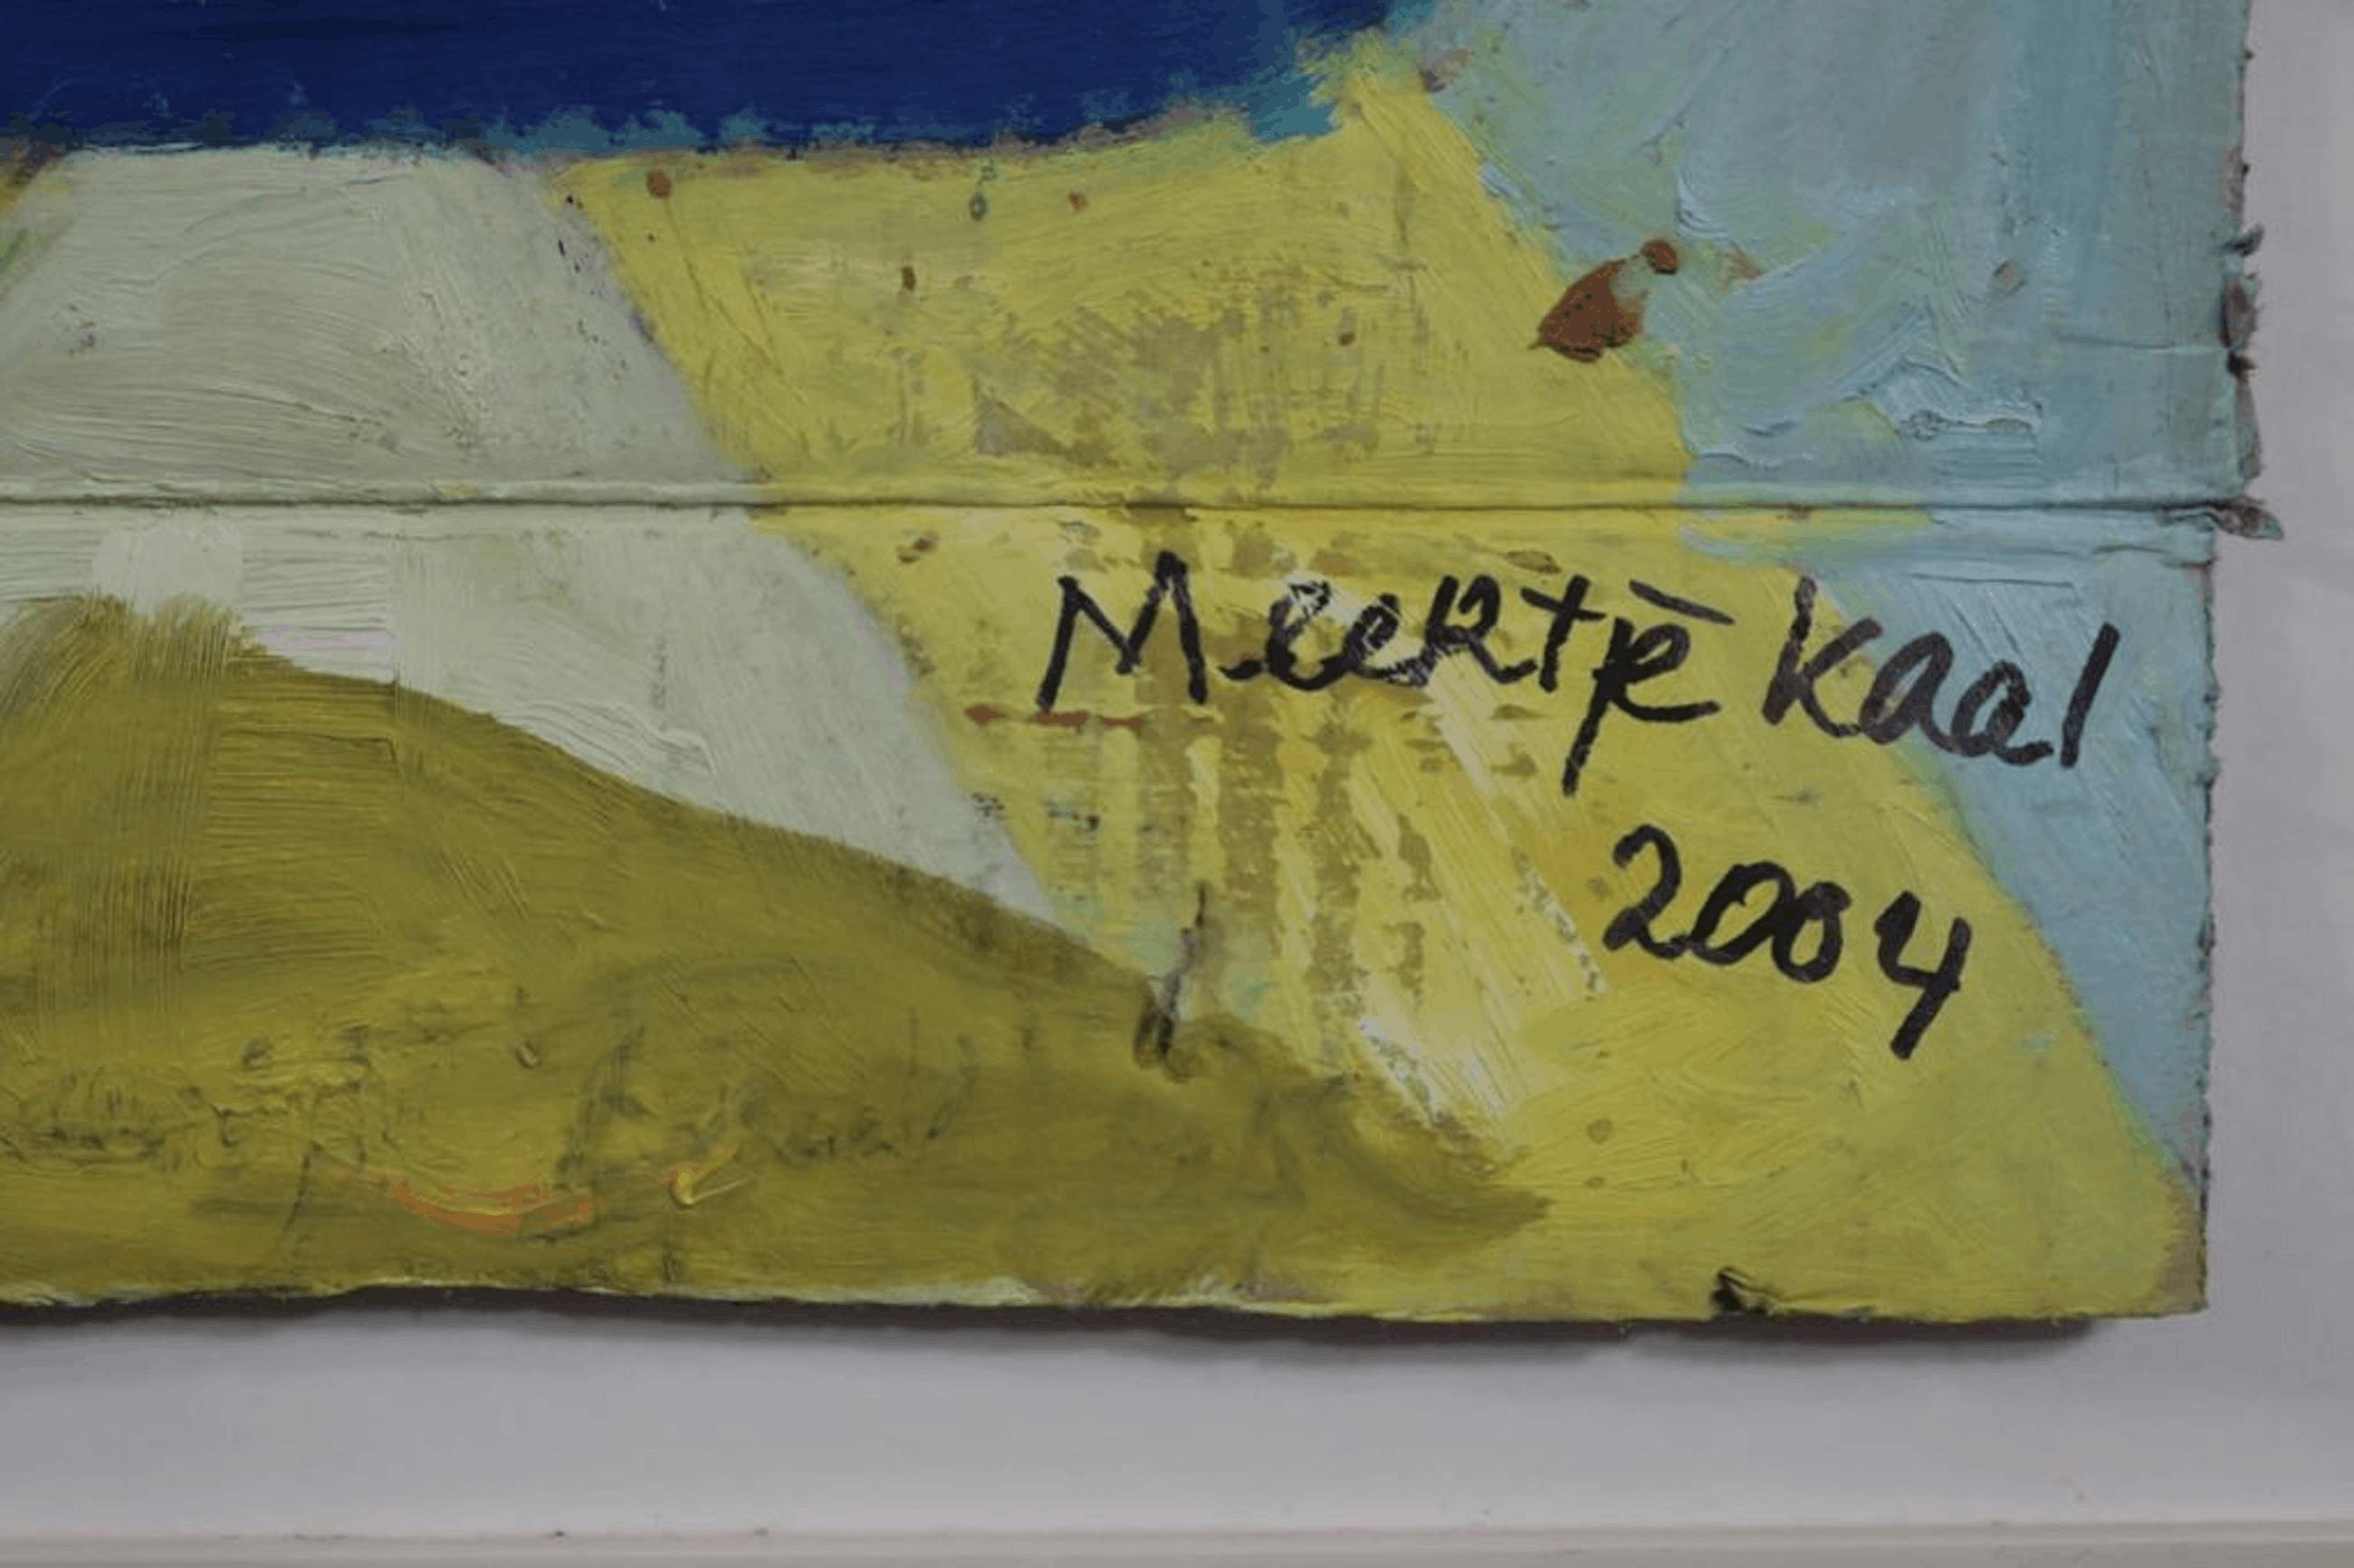 Meertje Kaal: Olieverf op karton, De phrychische vloot I - Ingelijst kopen? Bied vanaf 1!